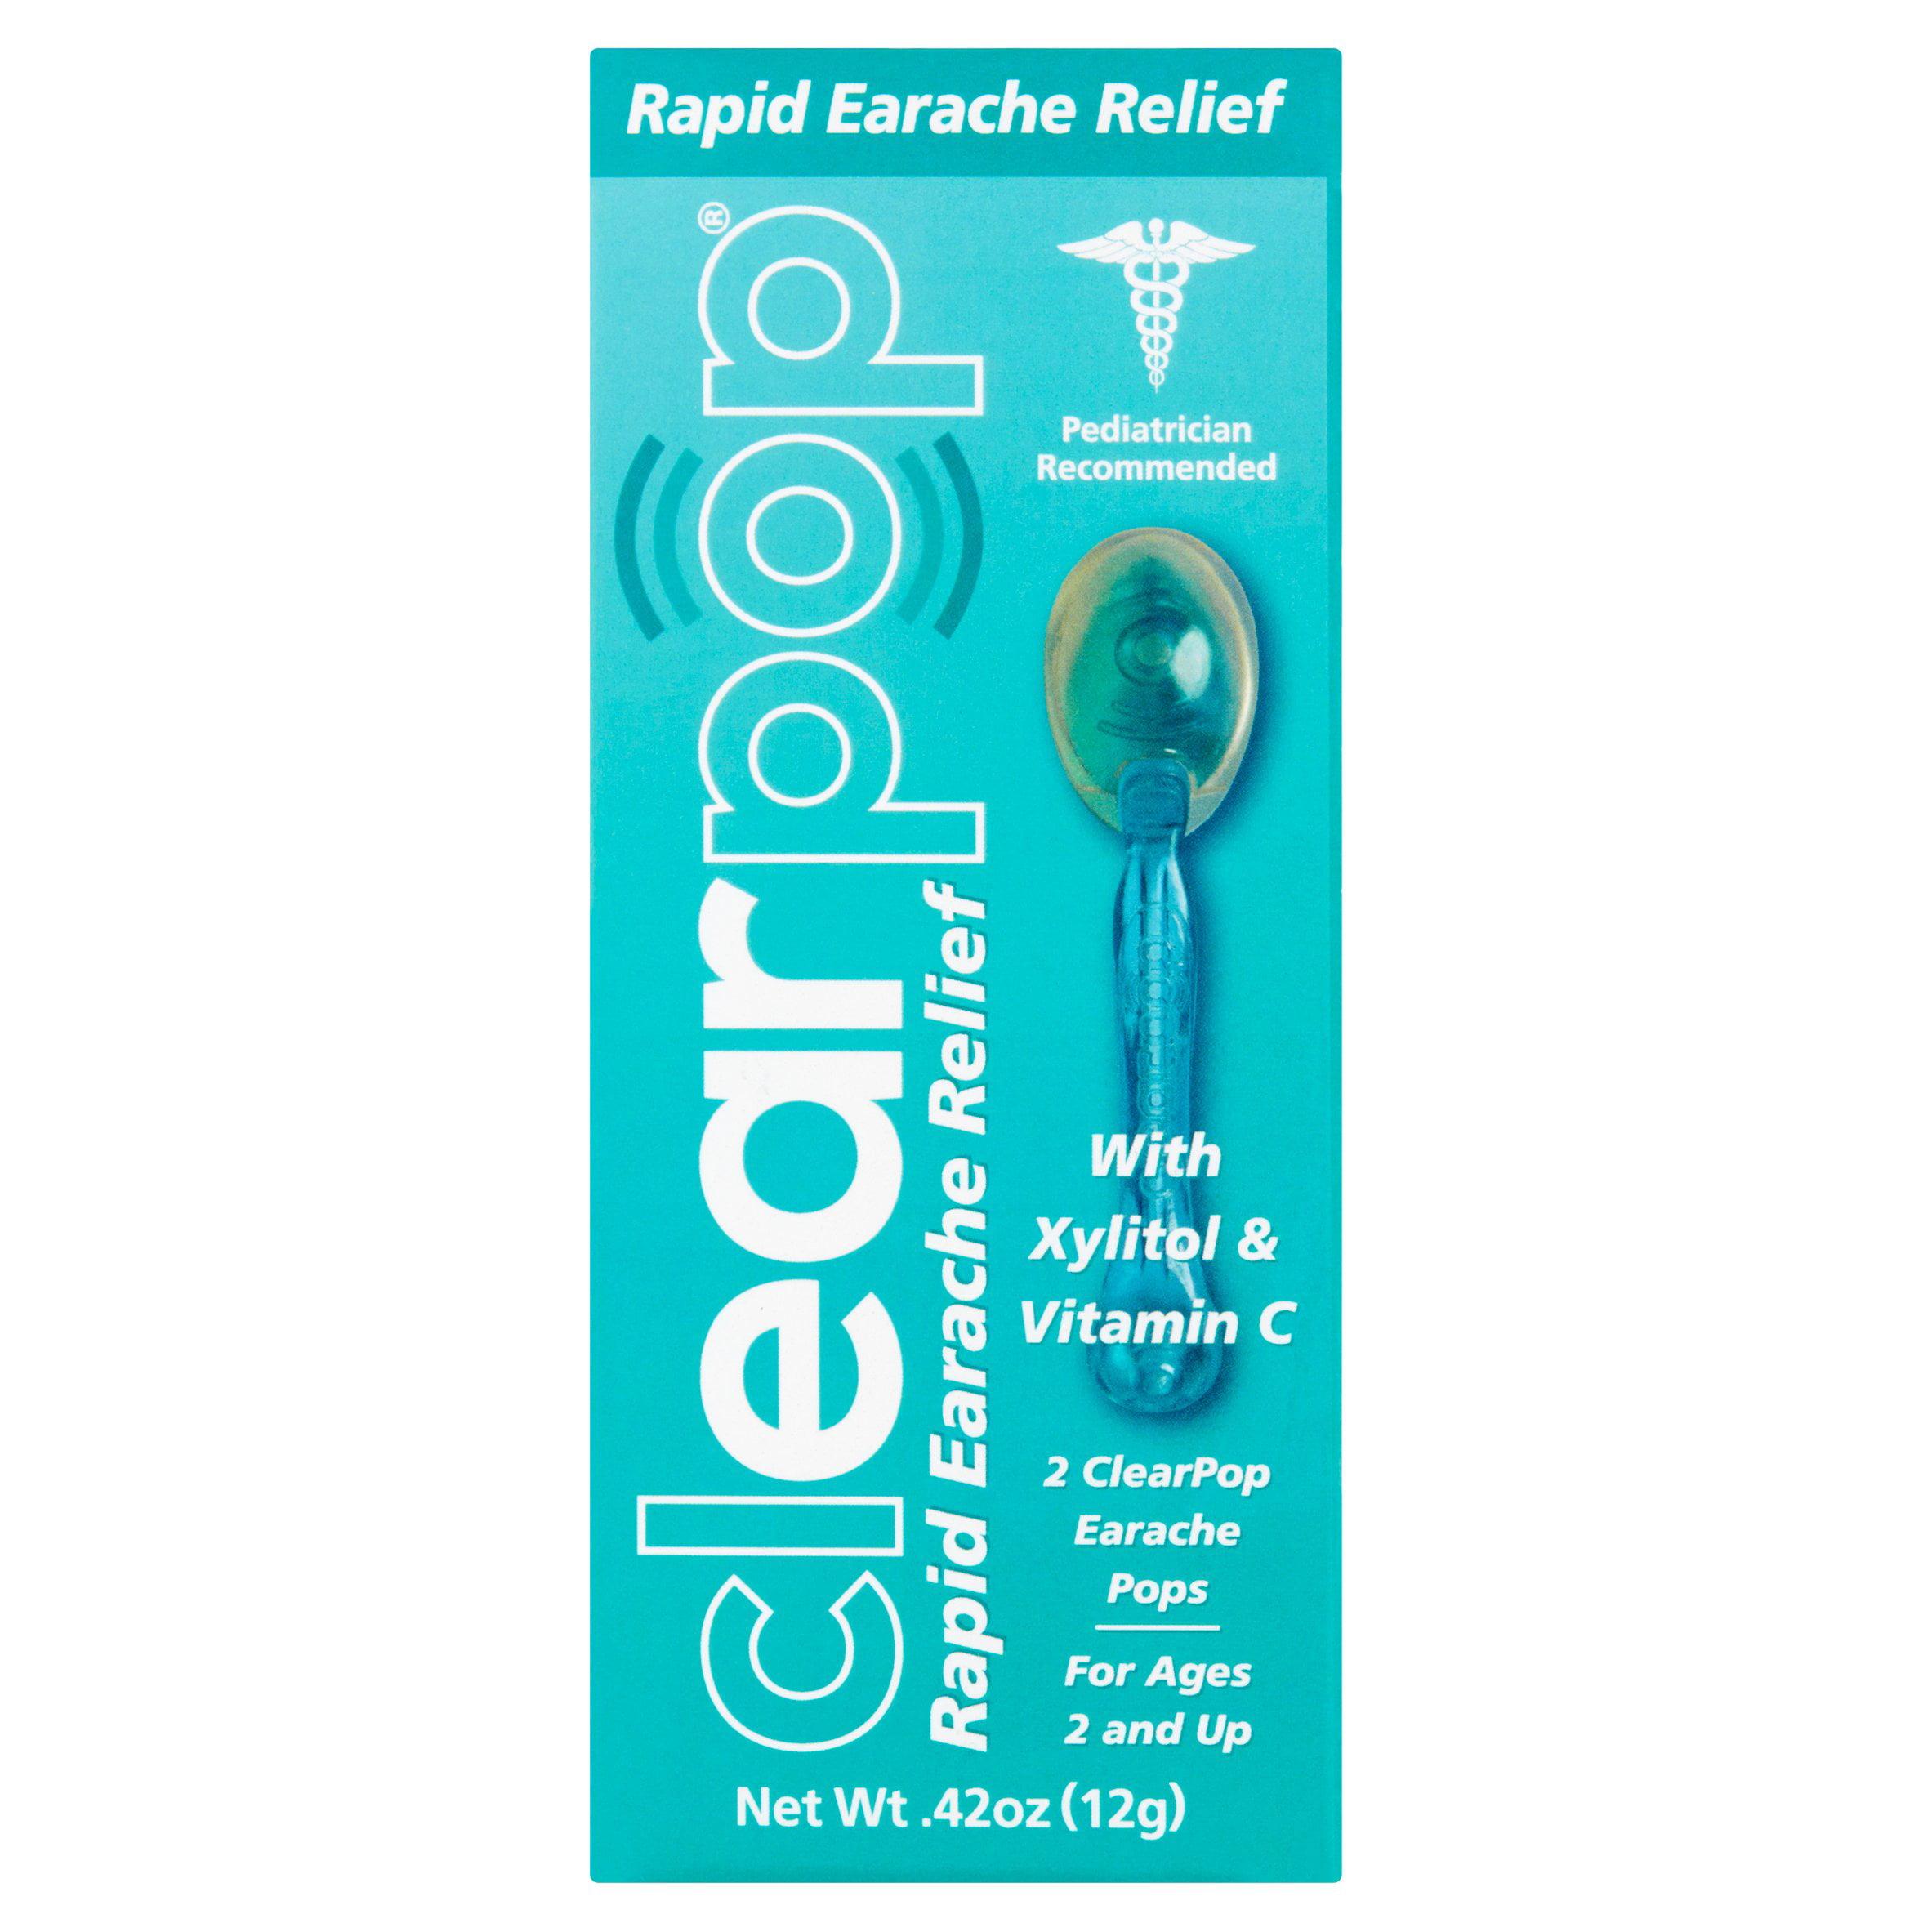 ClearPop Rapid Earache Relief Pops, 2 count, .42 oz